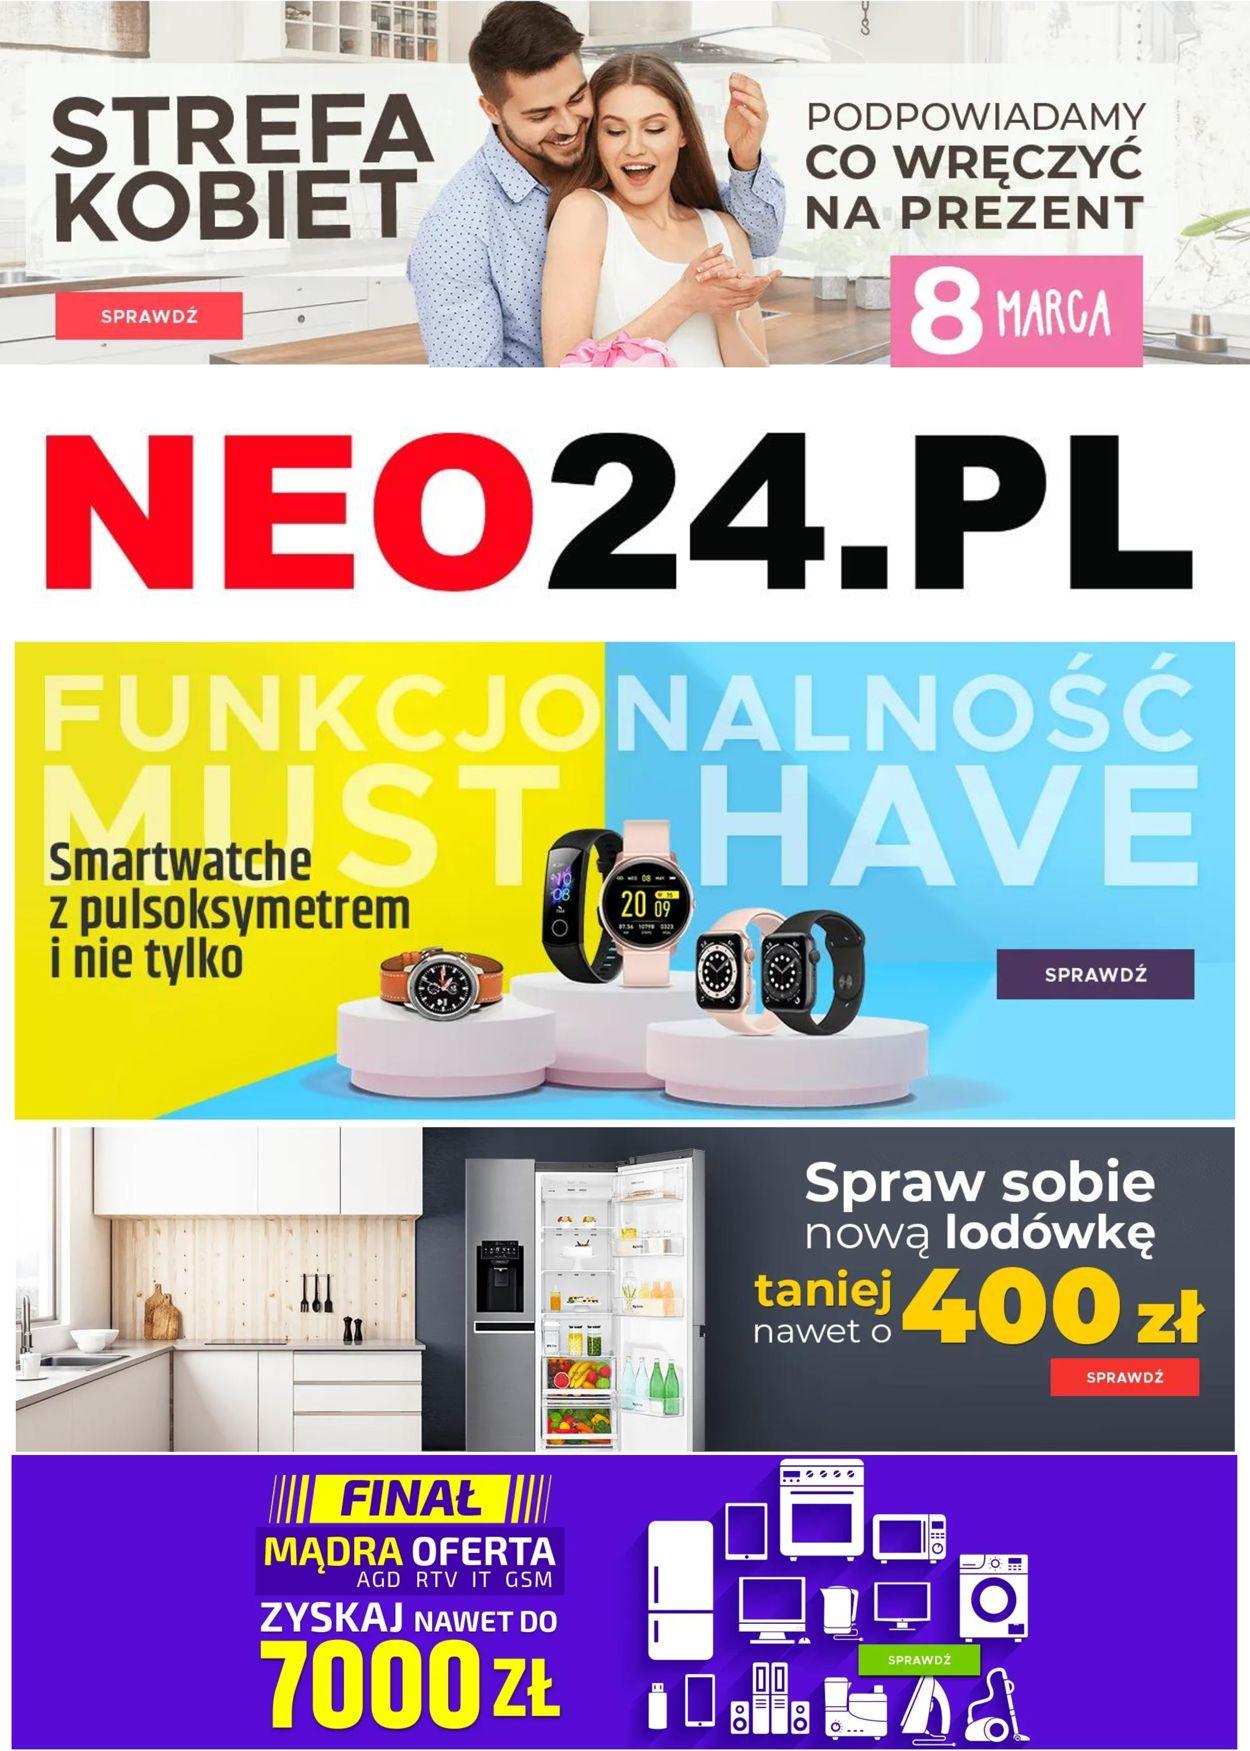 Gazetka promocyjna NEO24.PL - 02.03-08.03.2021